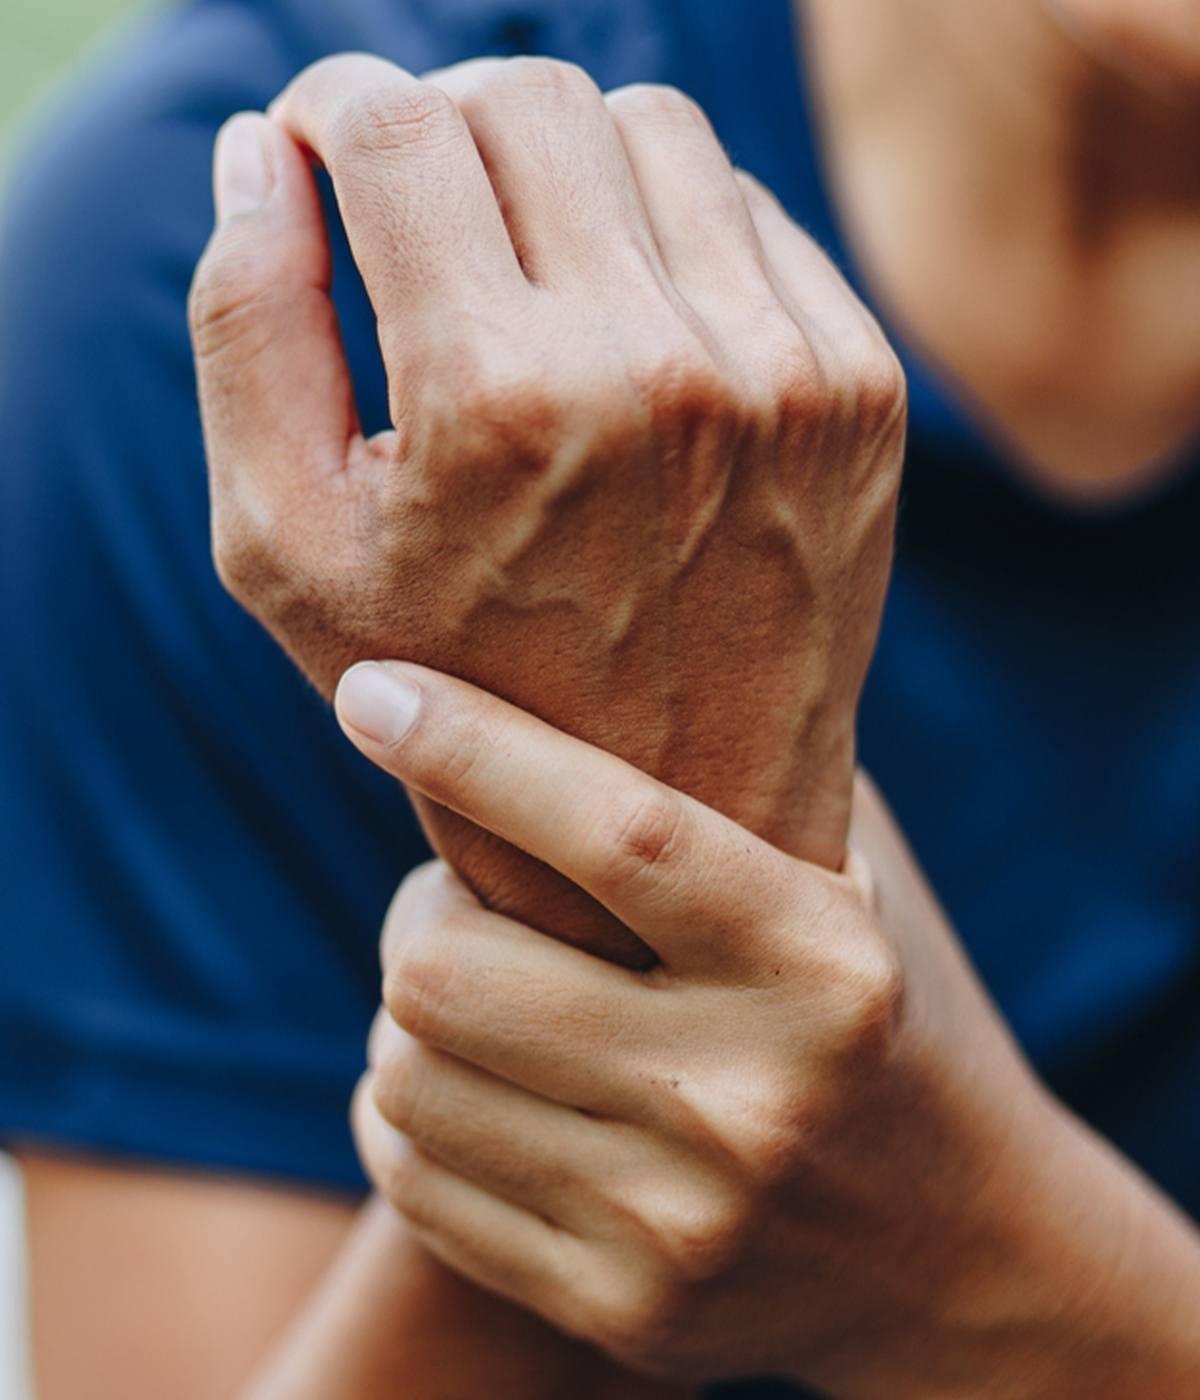 Wrist Pain - De Quervain's Tendinosis